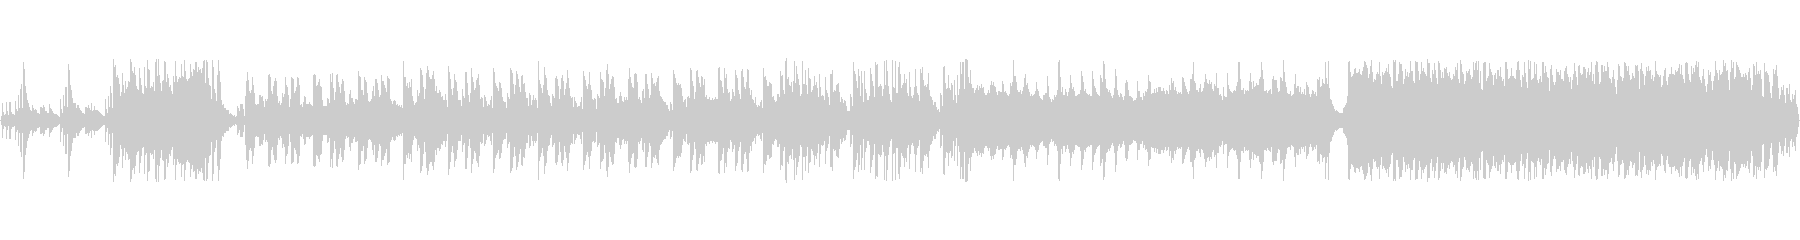 和風戦国ループロック音源の未再生の波形